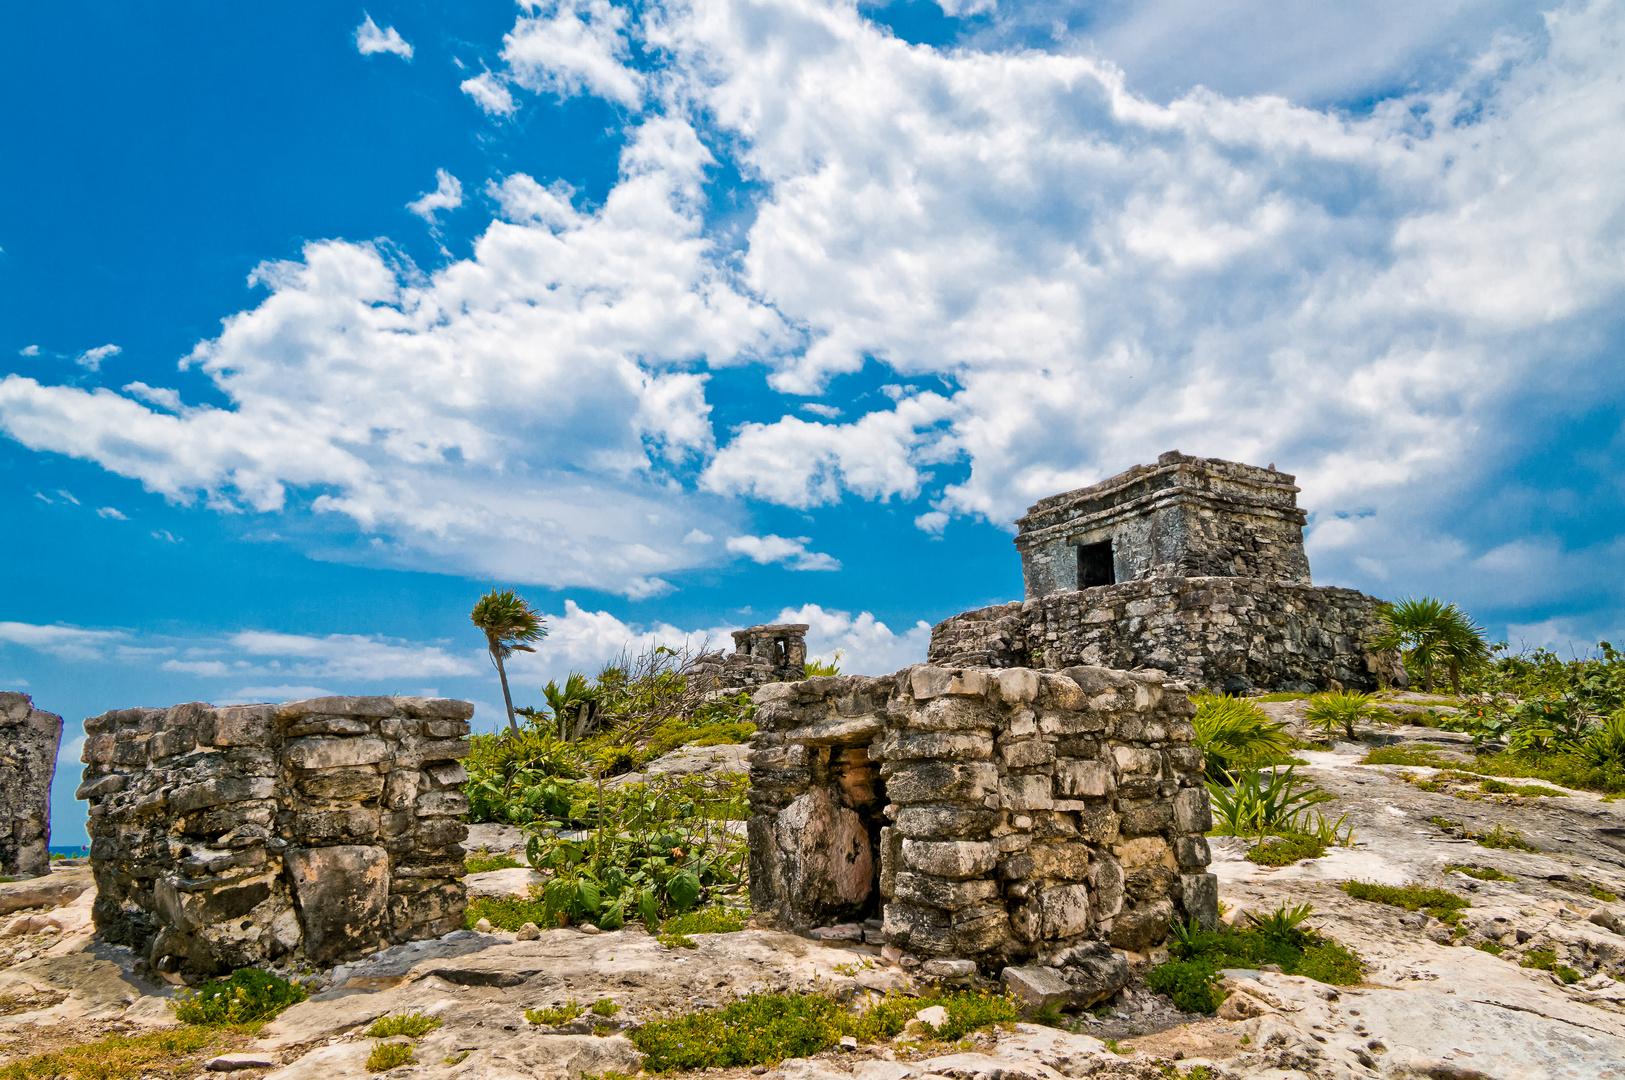 Mexiko - Ruinen von Tulum